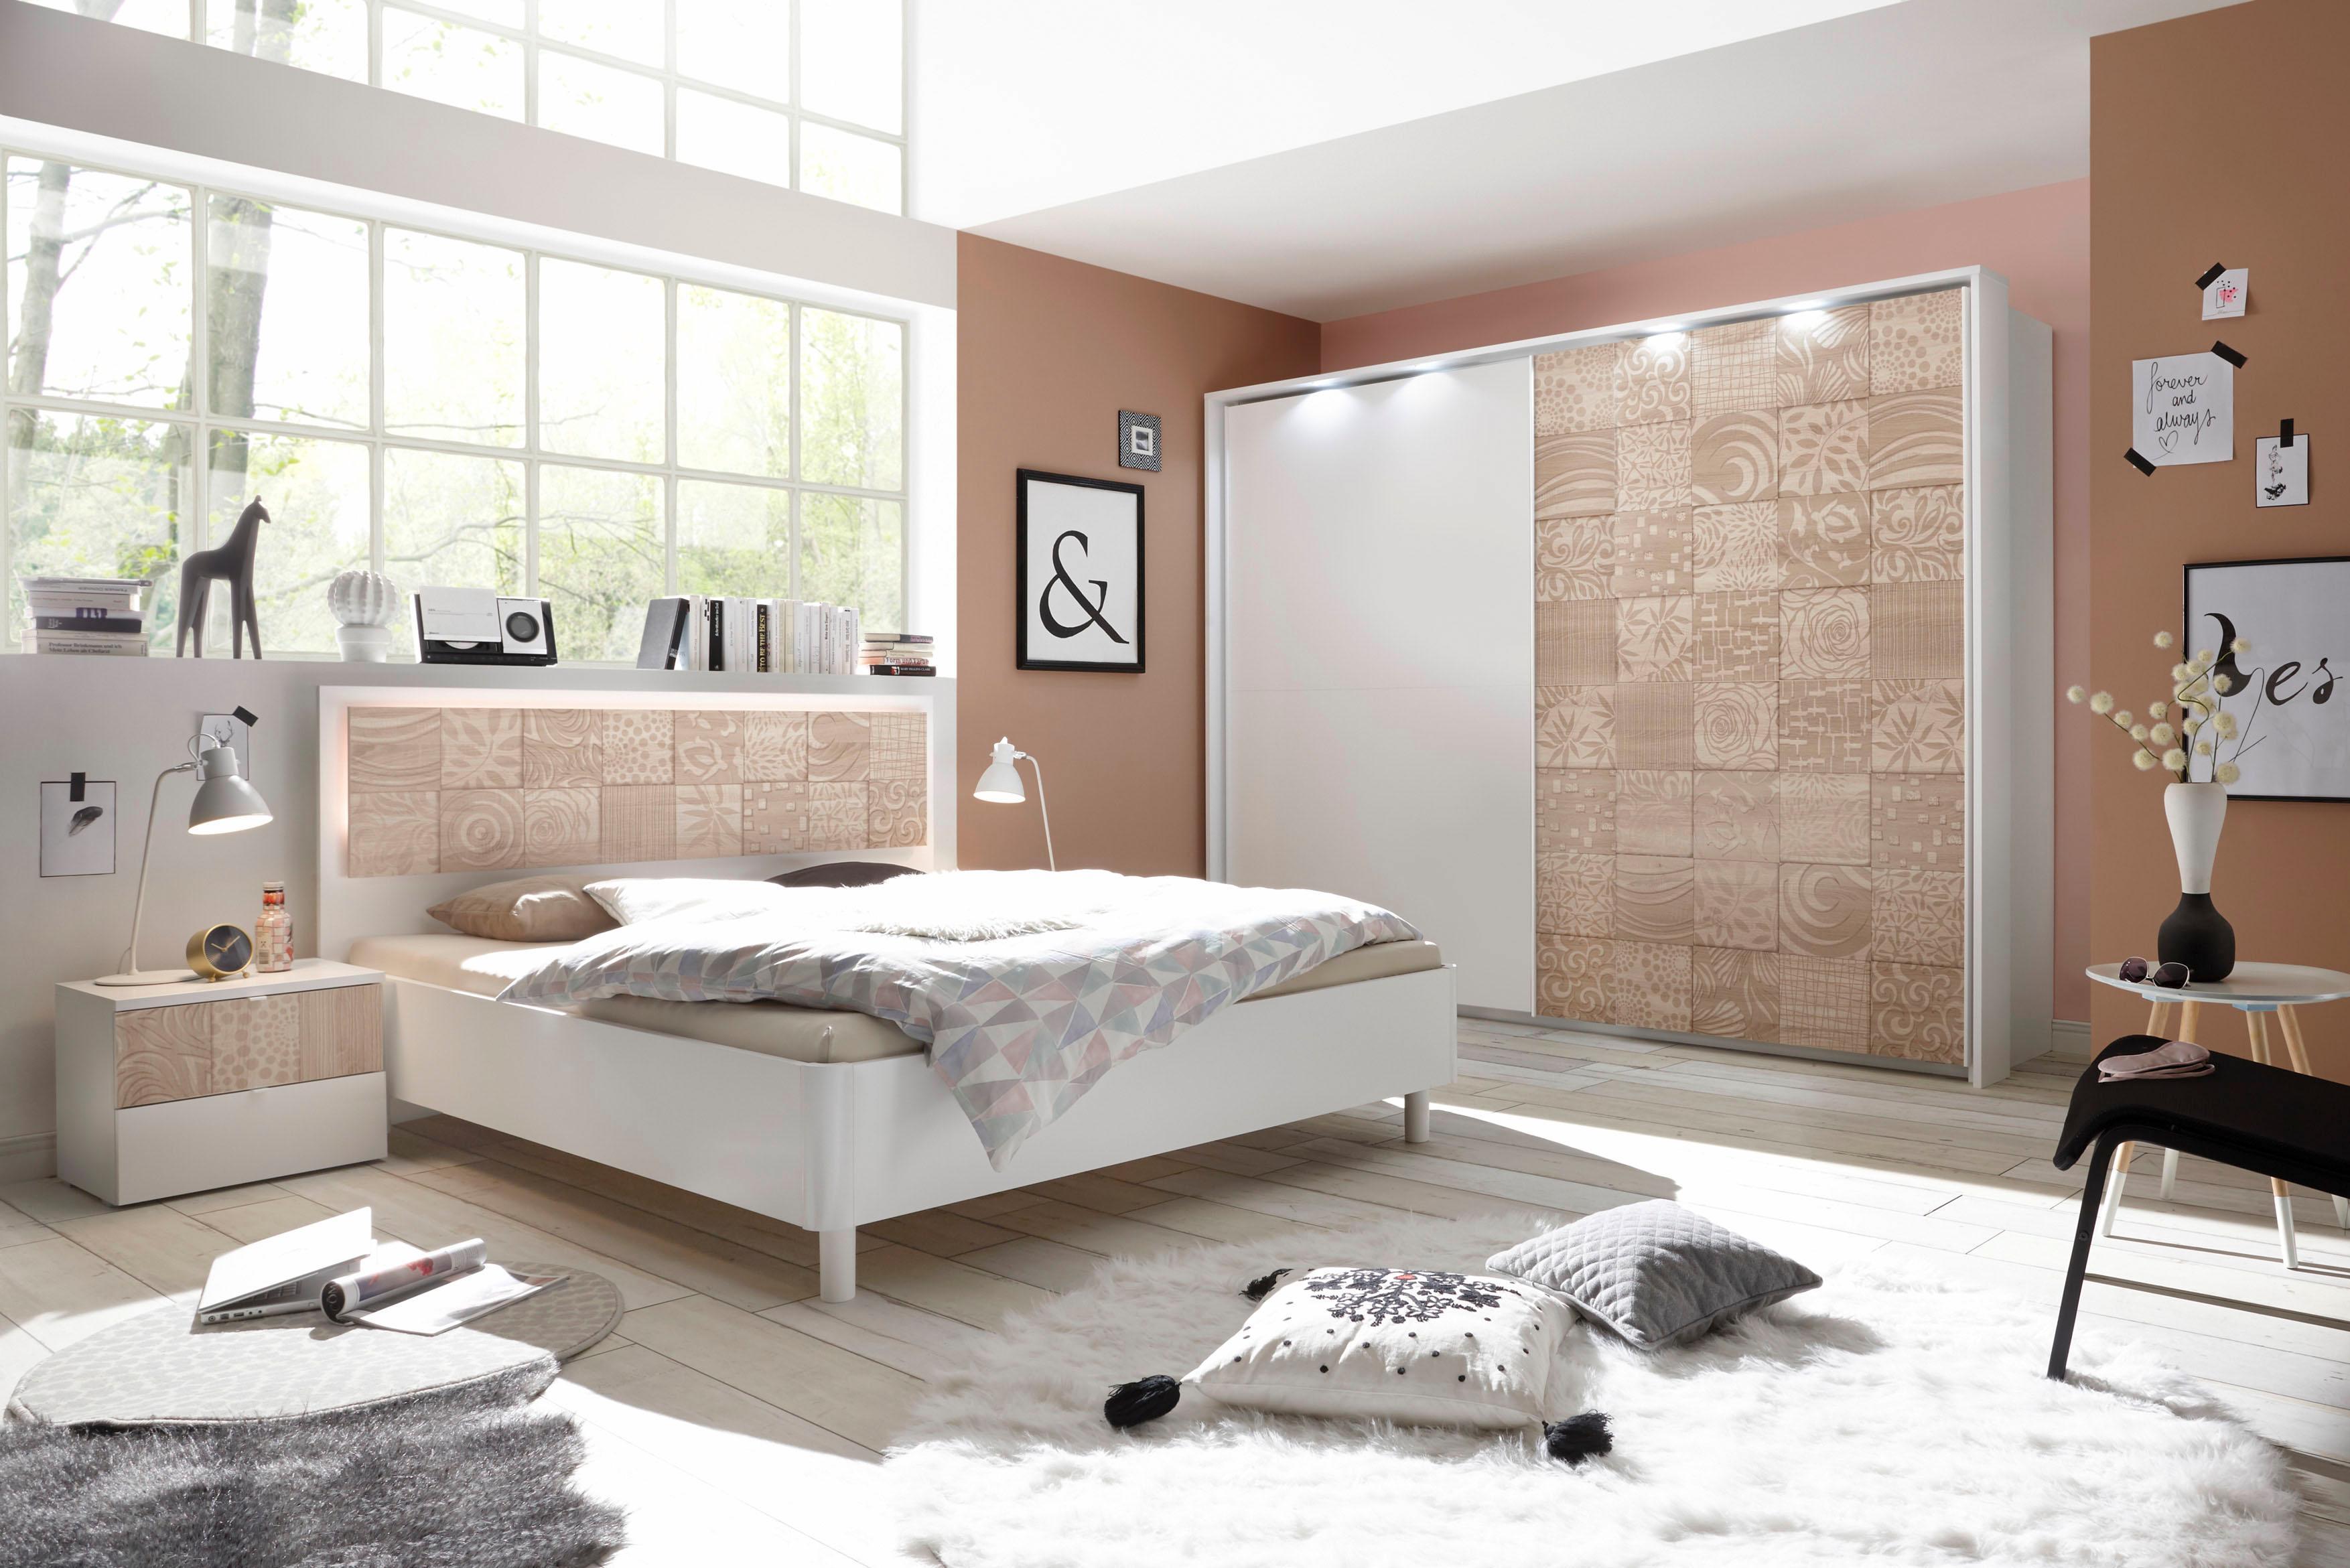 natur-lack Komplett-Schlafzimmer online kaufen | Möbel-Suchmaschine ...